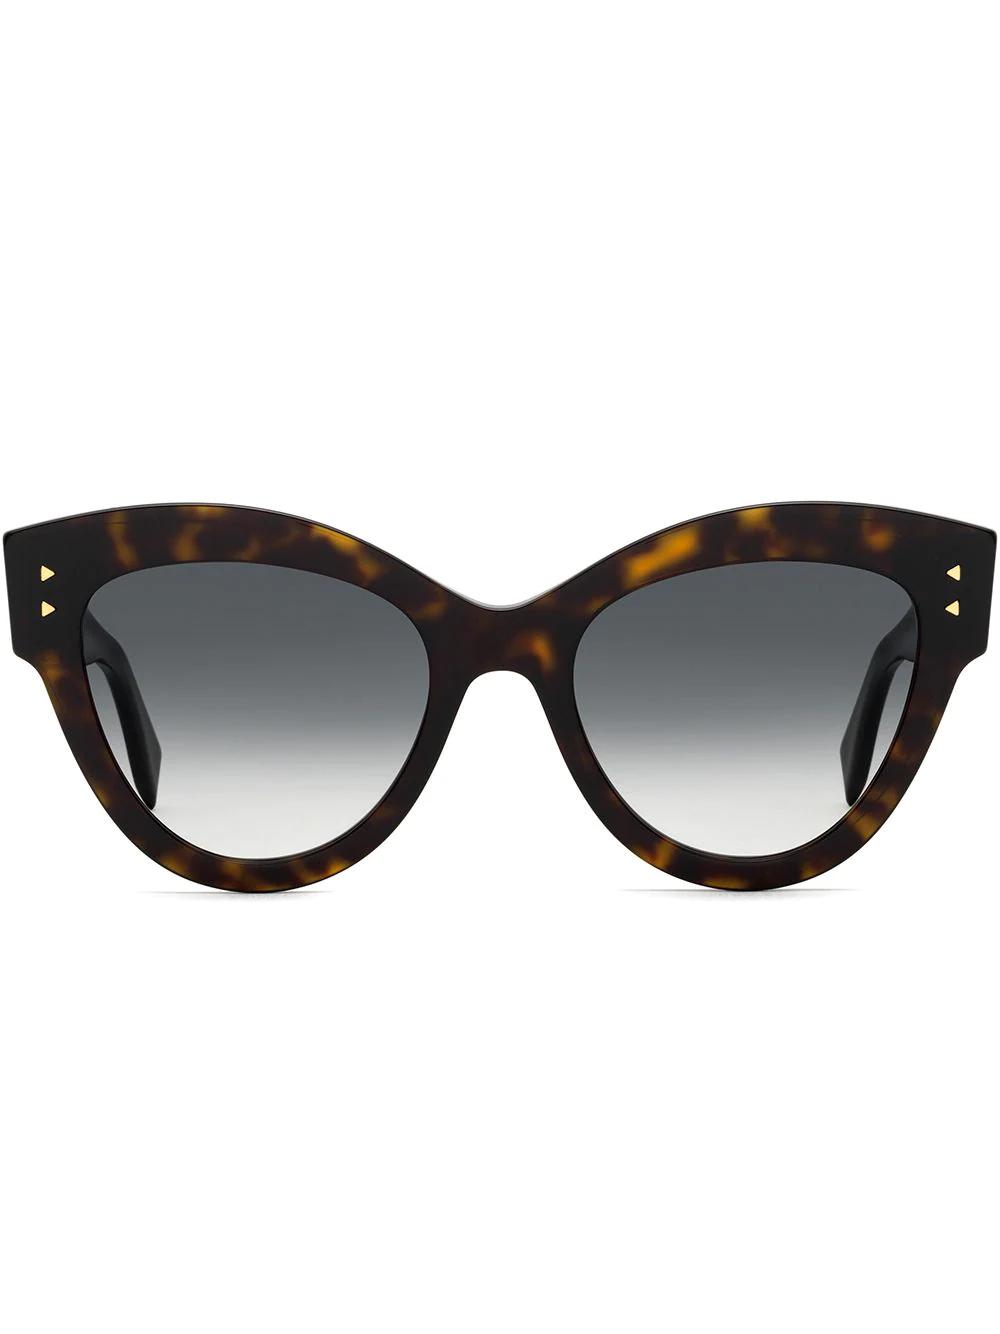 FENDI   солнцезащитные очки в массивной оправе 'кошачий глаз'   Clouty